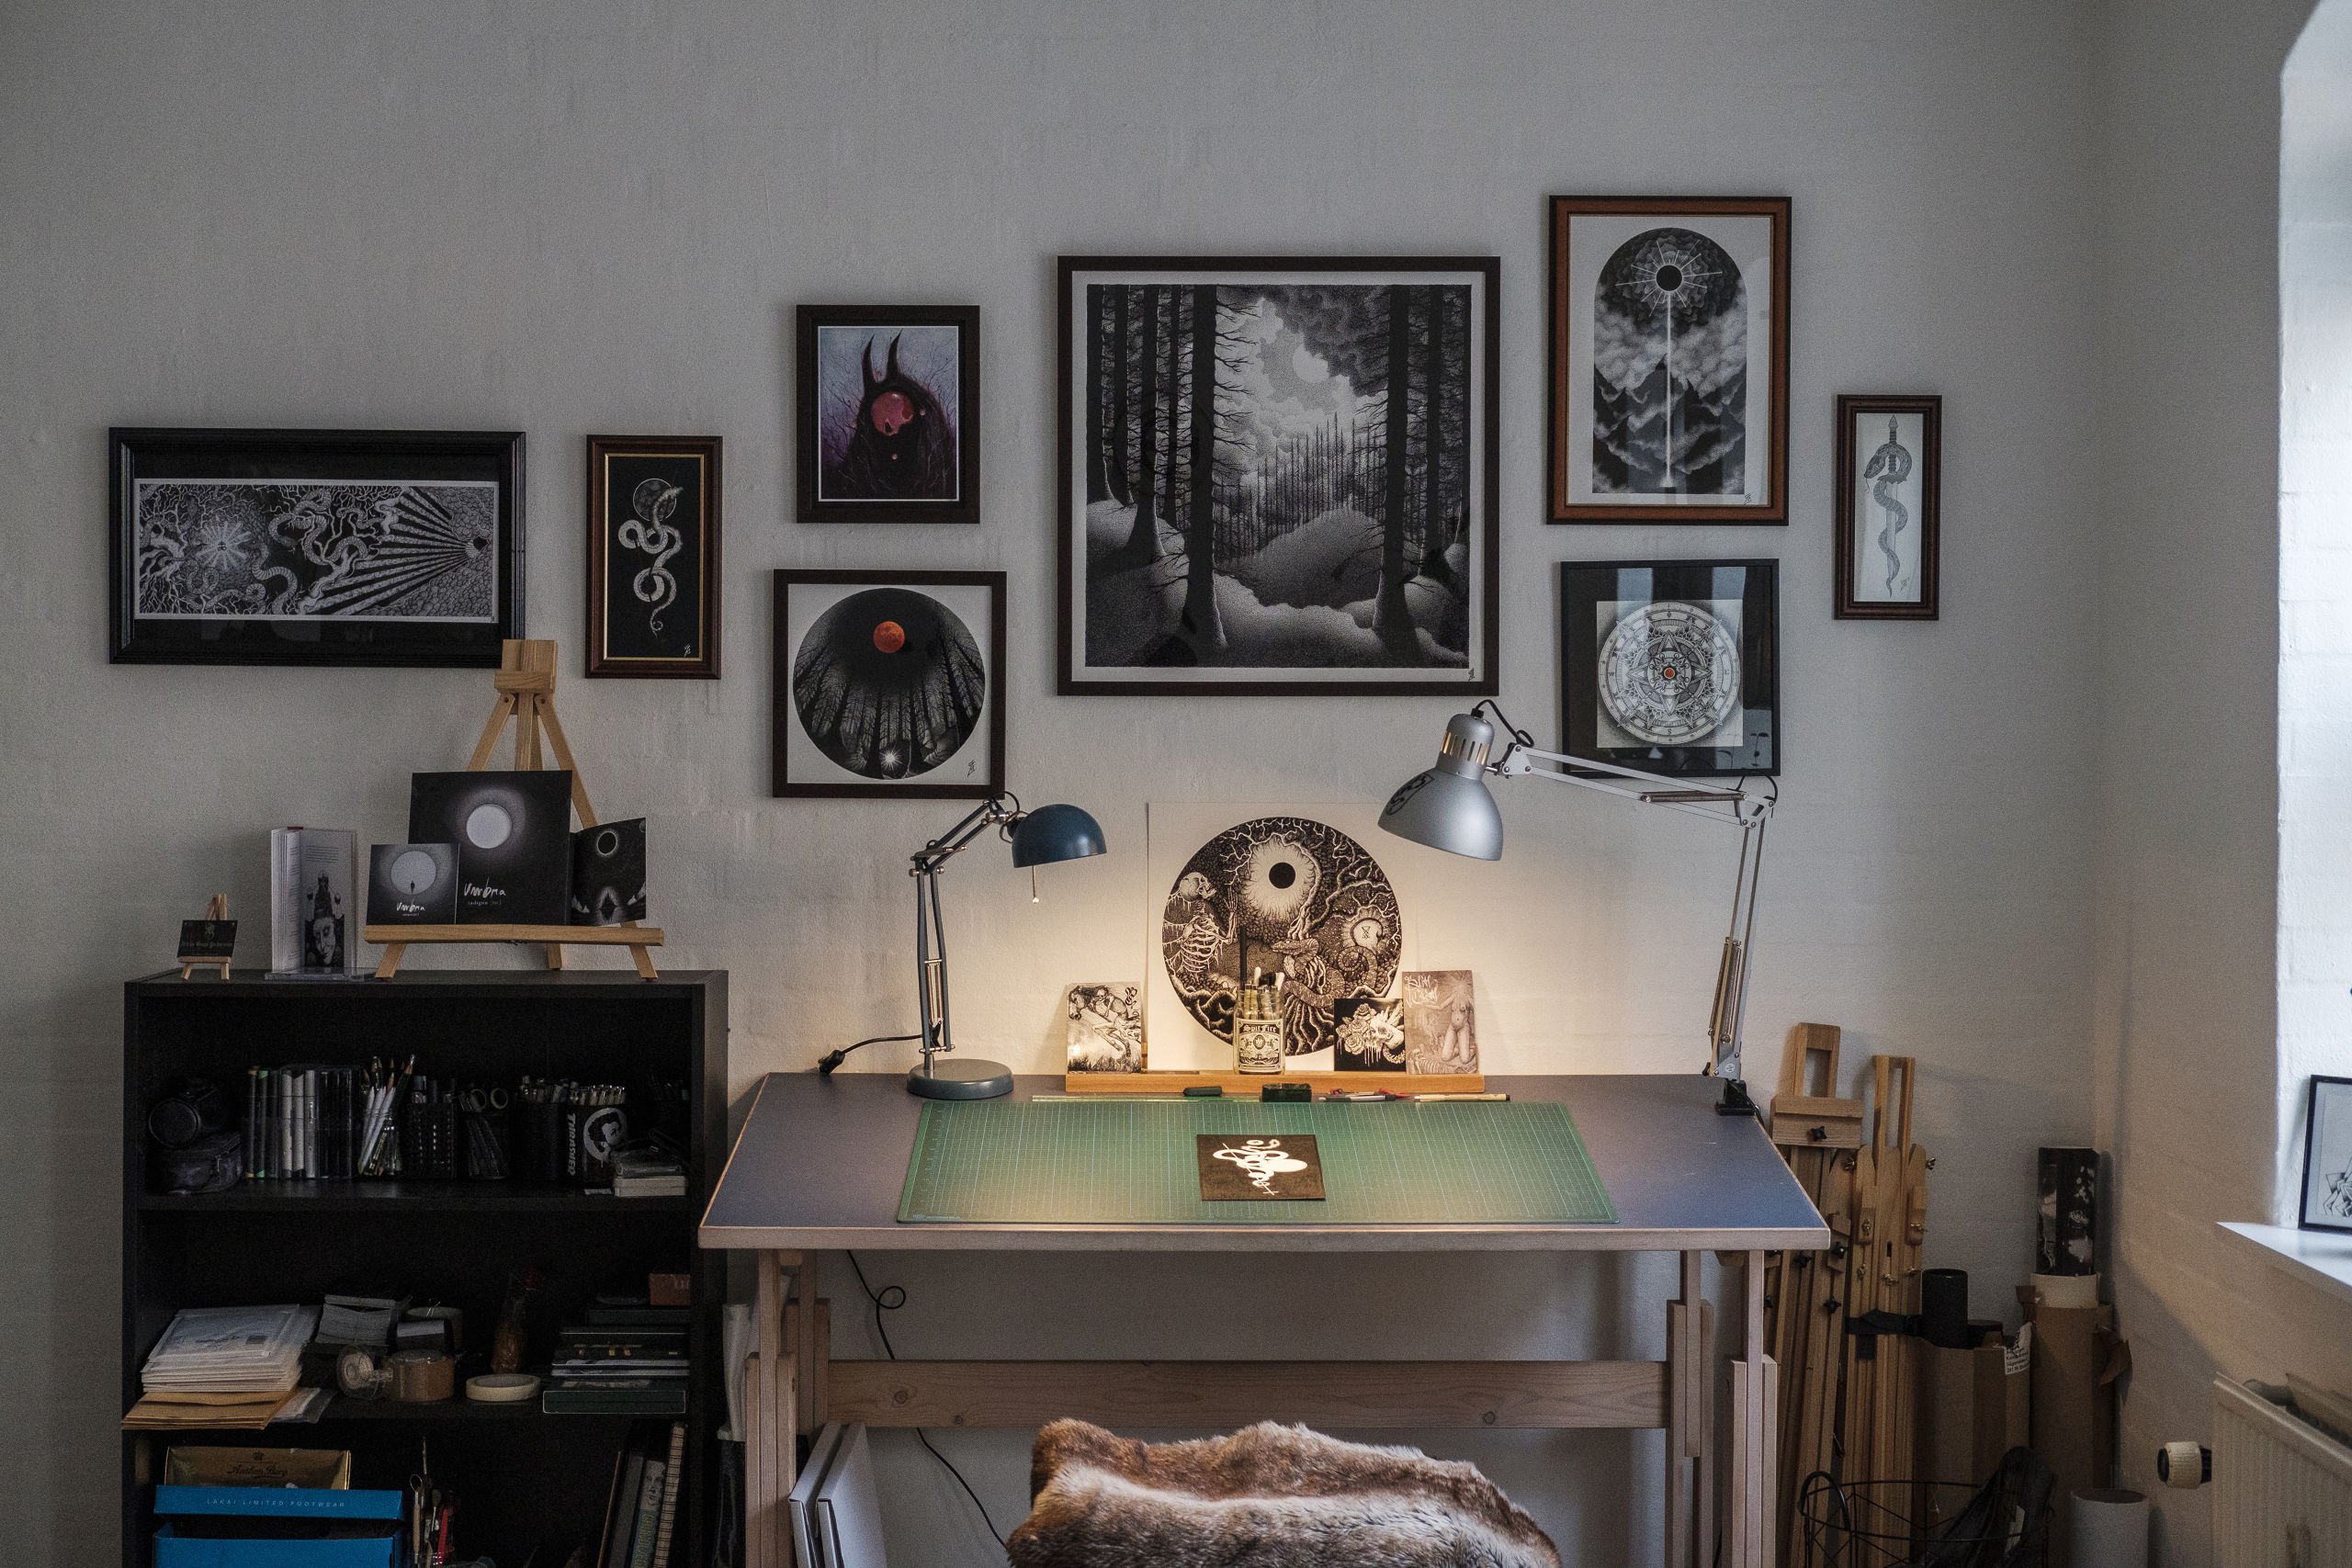 Skovbillederne over skrivebordet er nogle af Simons egne favoritter. Det store i midten er dog et tryk, der er forstørret væsentligt i forhold til originalen. Foto: Lasse Sand